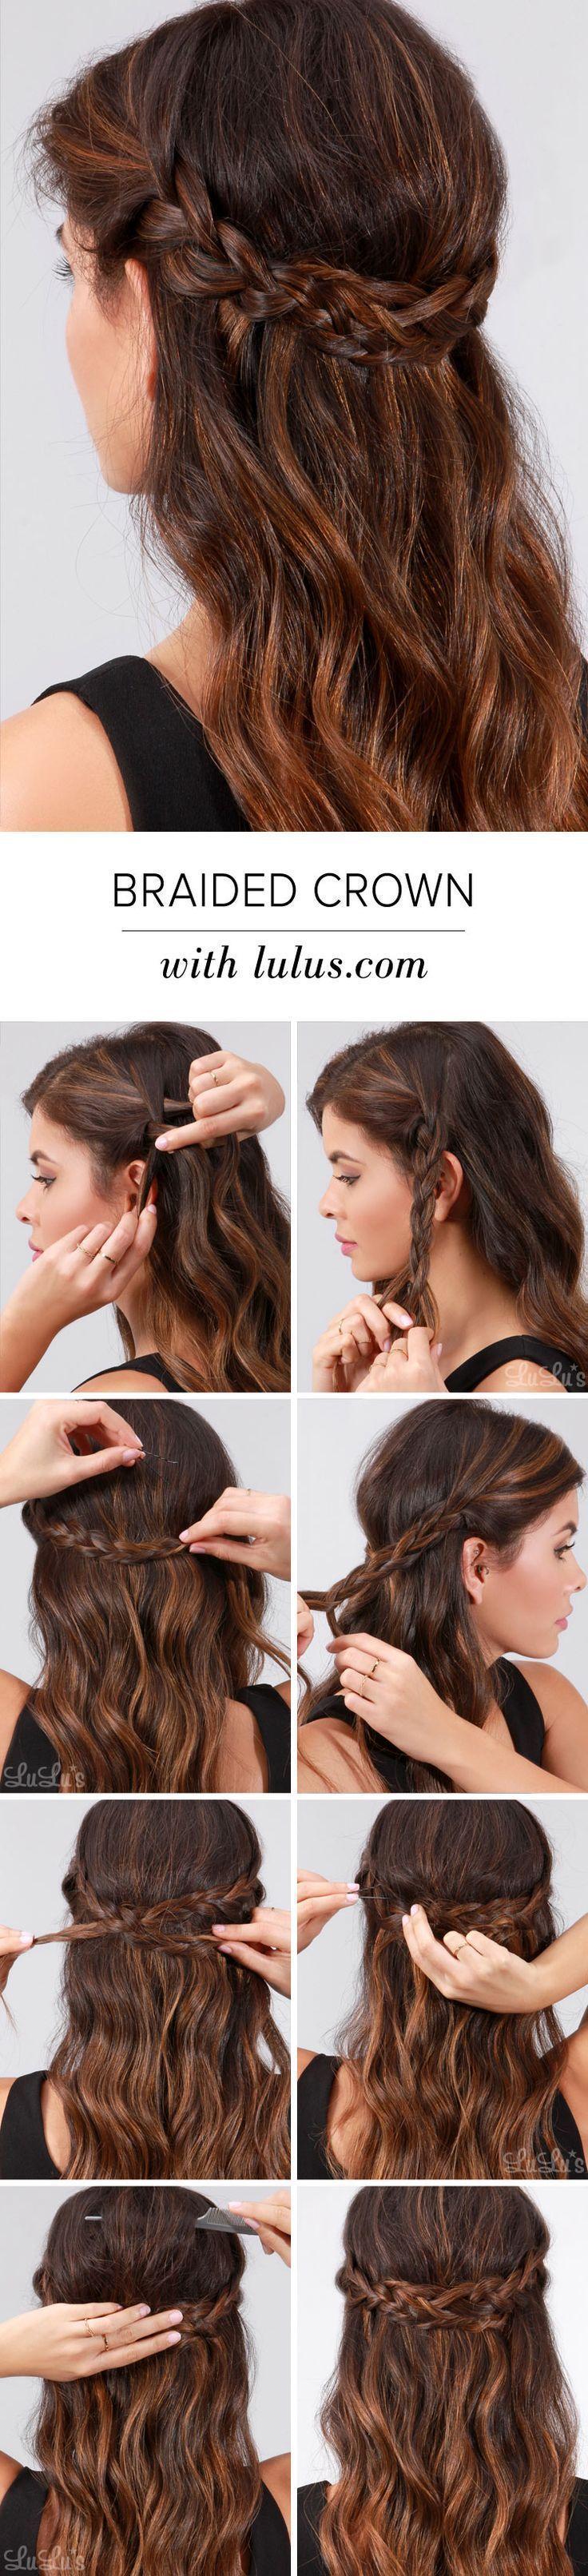 Luxury hairstyles tutorials